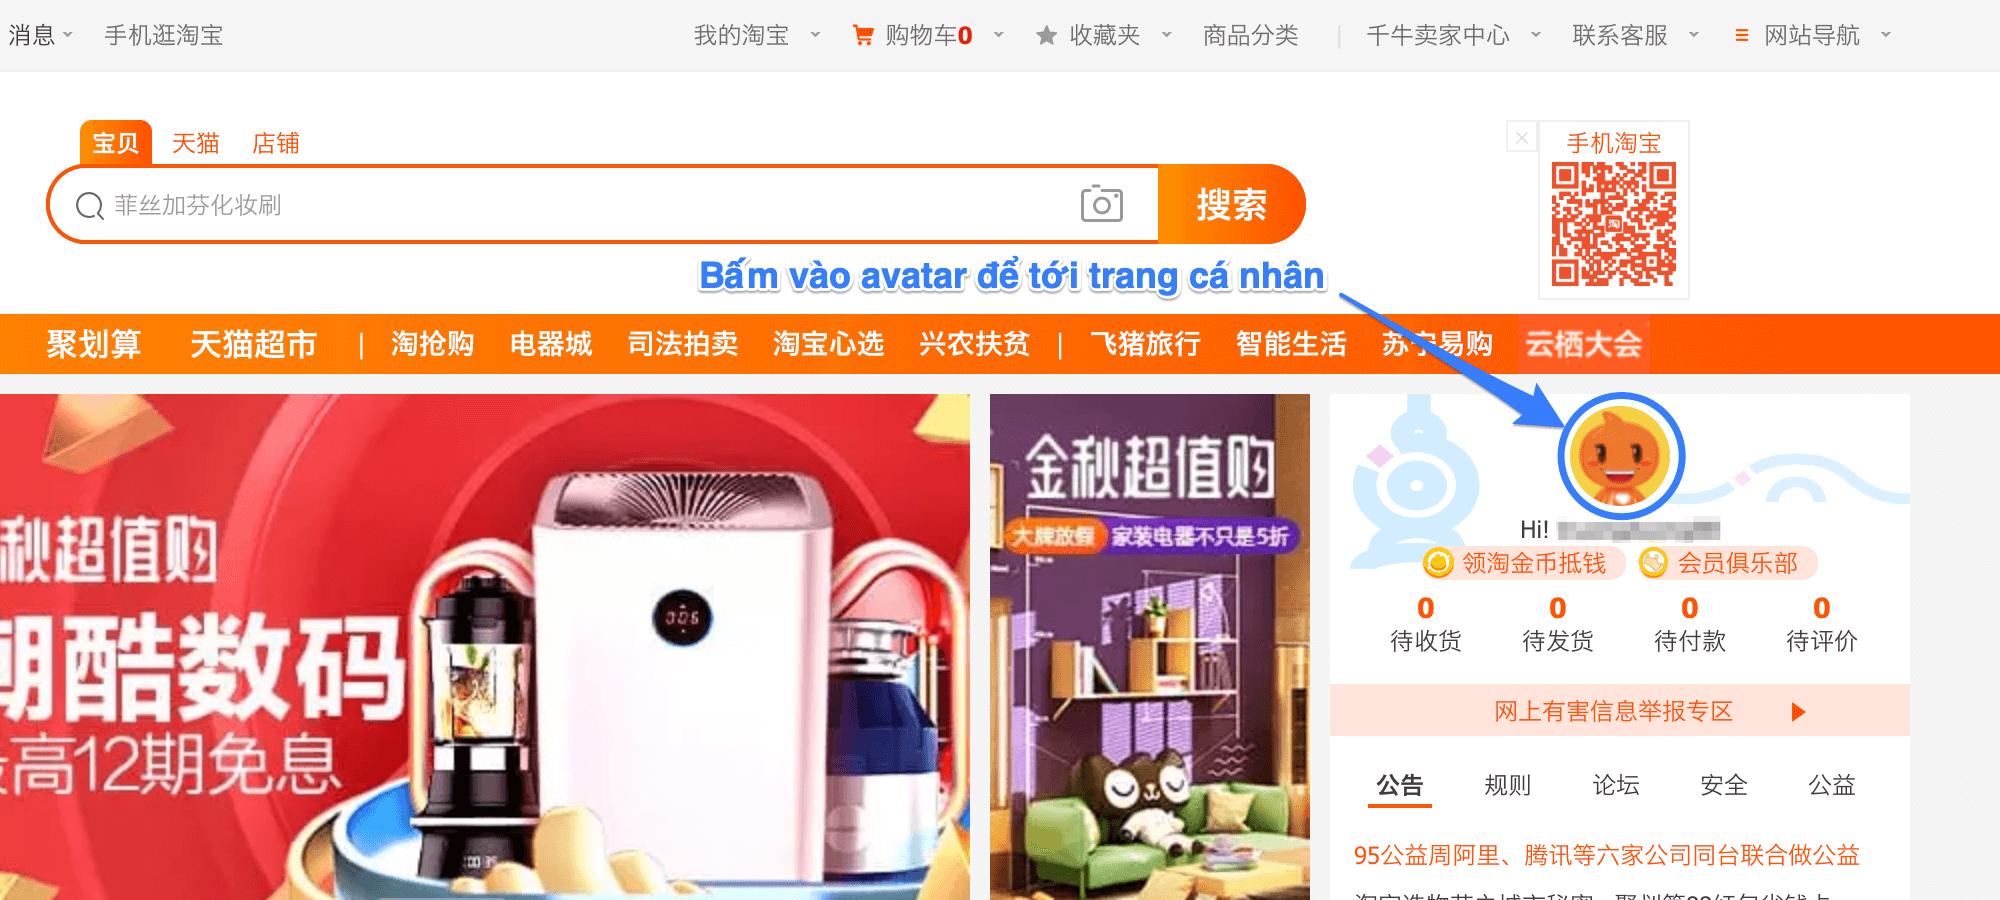 Truy cập trang cá nhân taobao